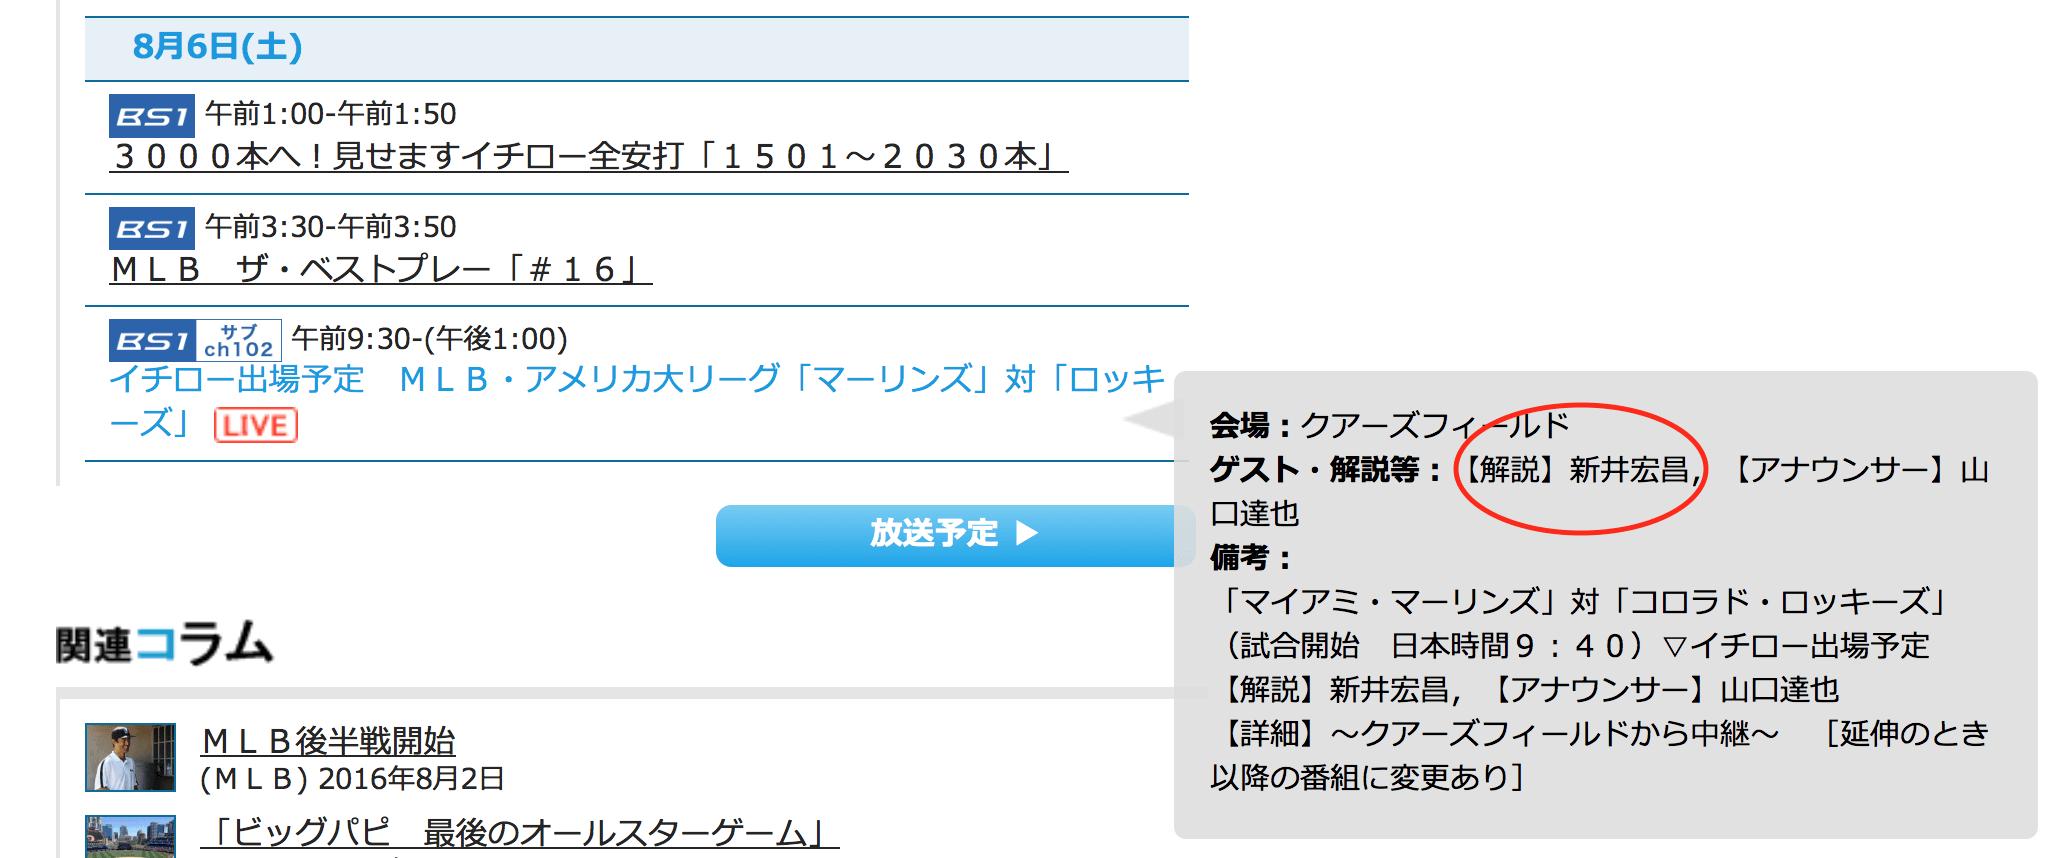 新井宏昌さん登場!